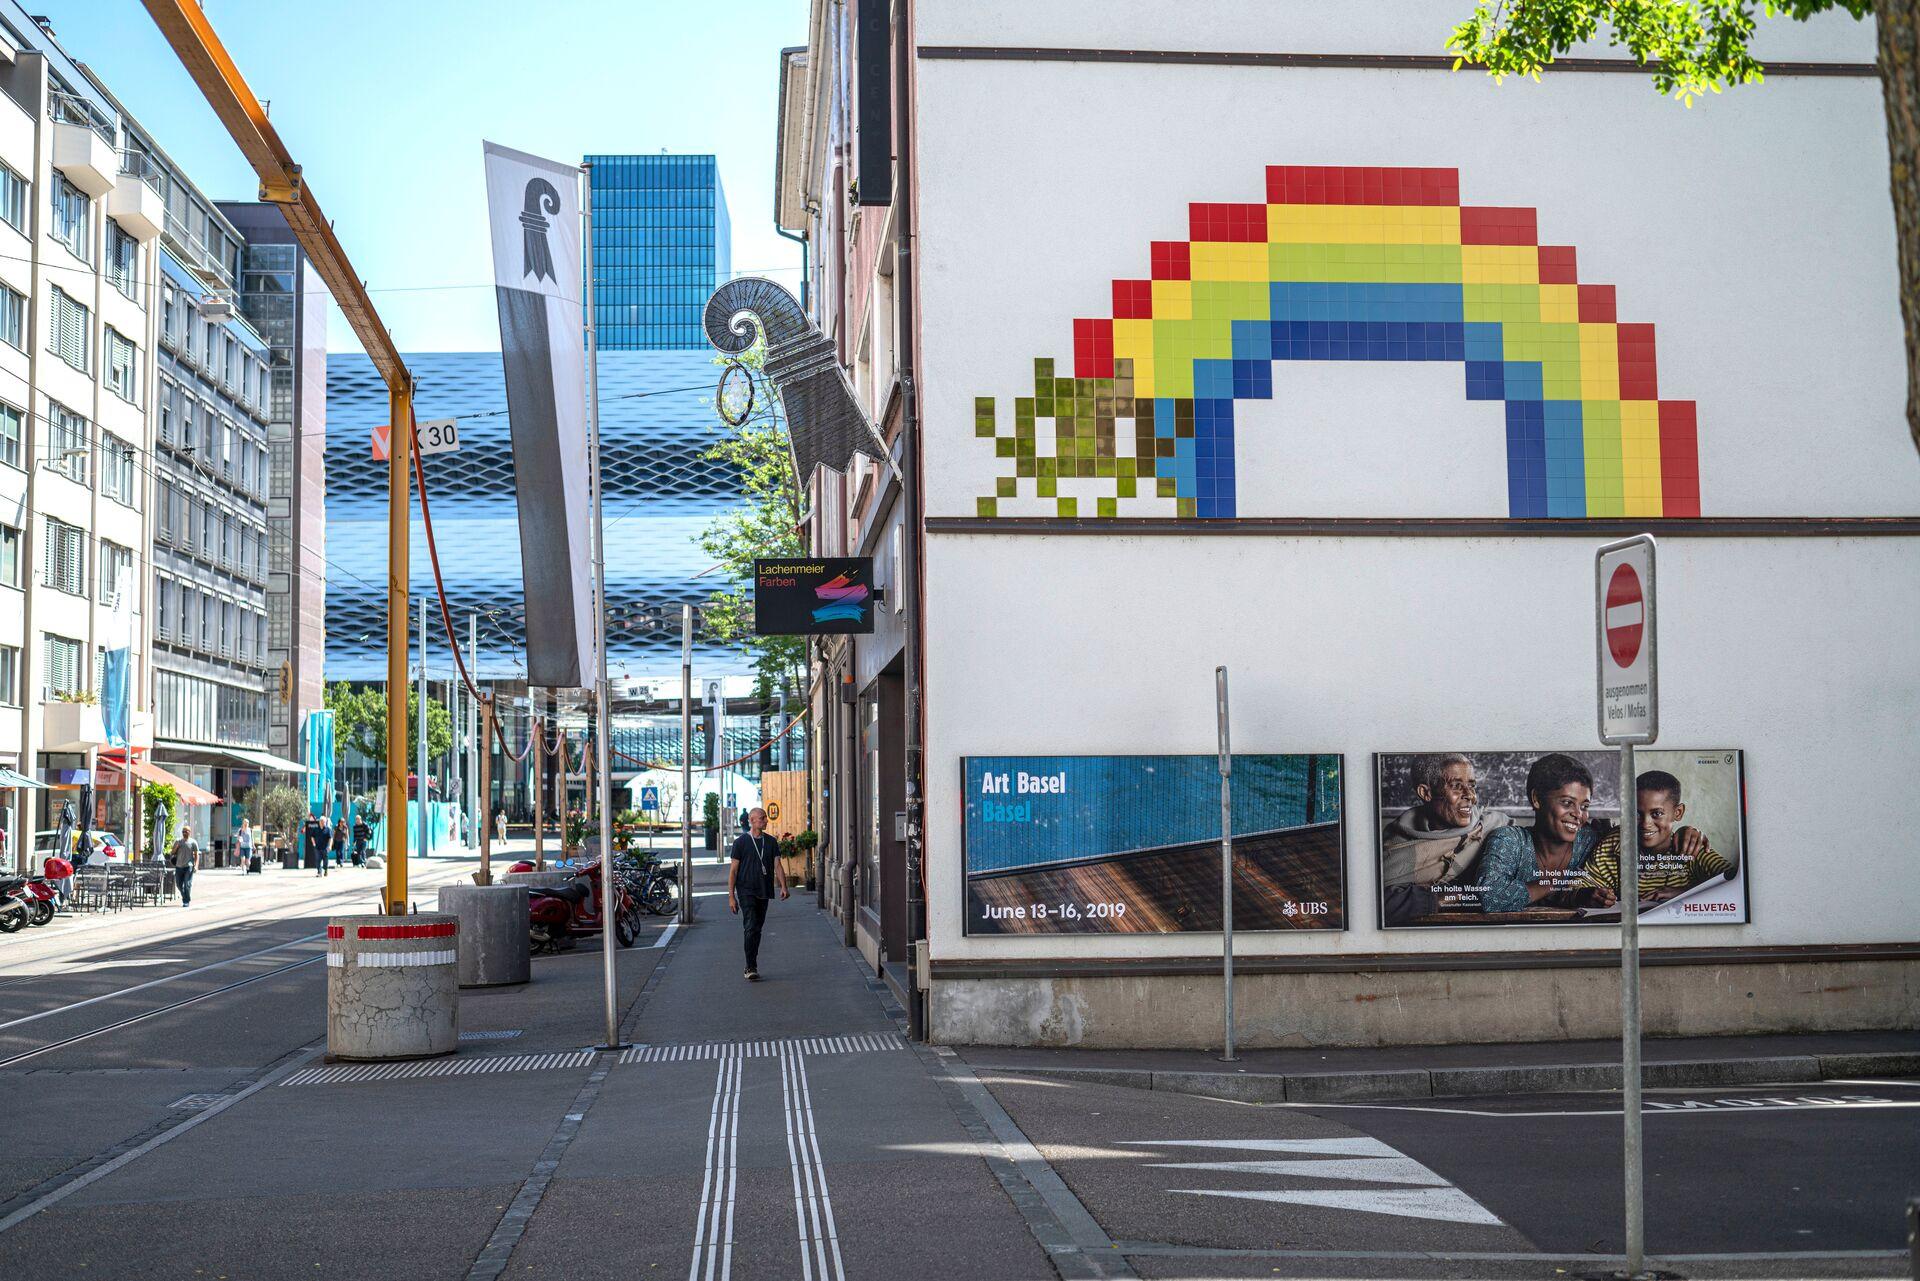 Plus de 20Space Invaders signés de la star de l'art urbain, Invader, sont répartis sur toute la ville.